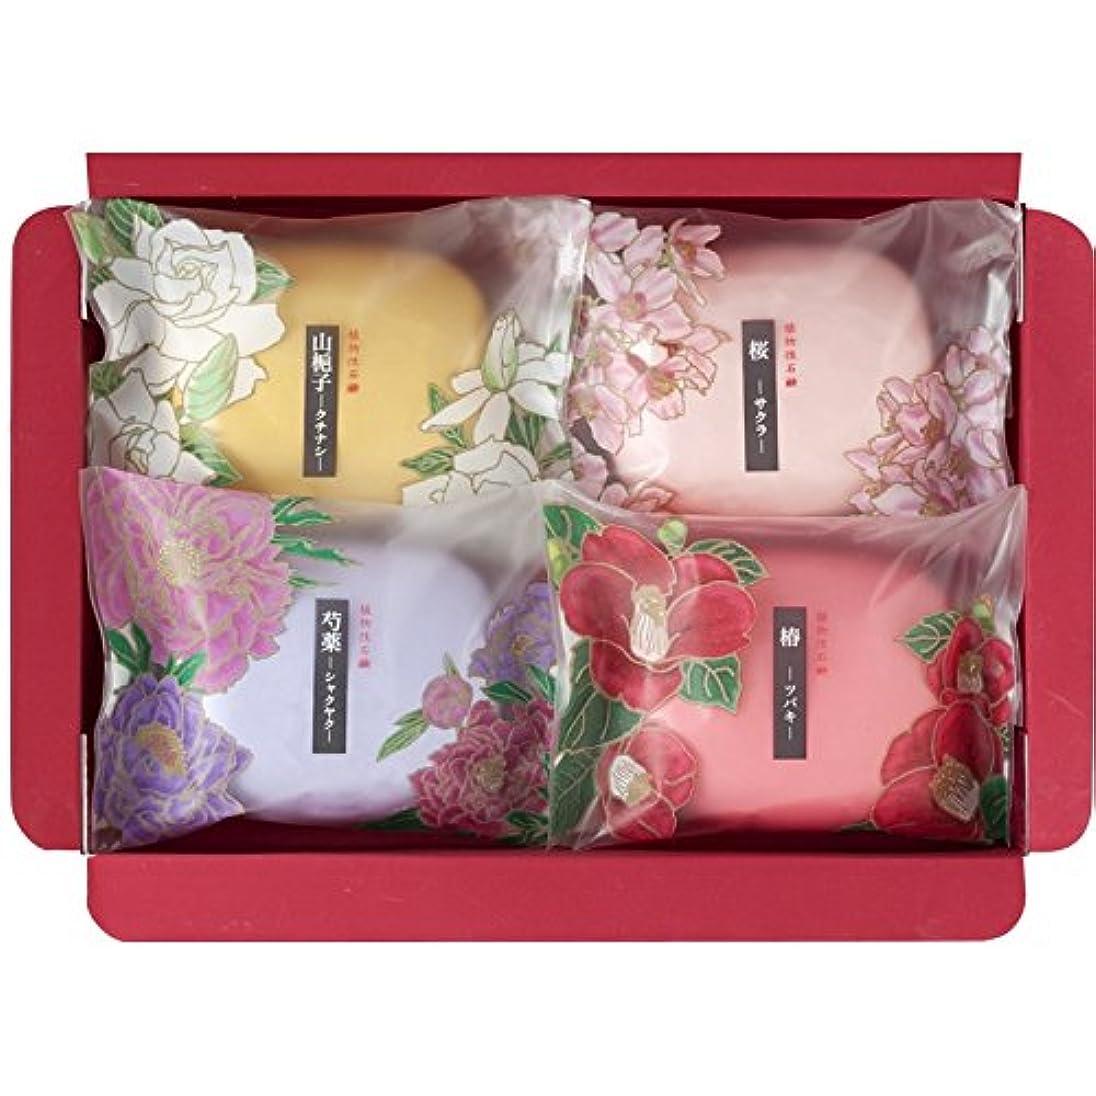 合成バージン温度彩花だより SAK-05 【石けん 石鹸 うるおい いい香り 固形 詰め合わせ セット 良い香り 美容 個包装 肌に優しい 日本製】